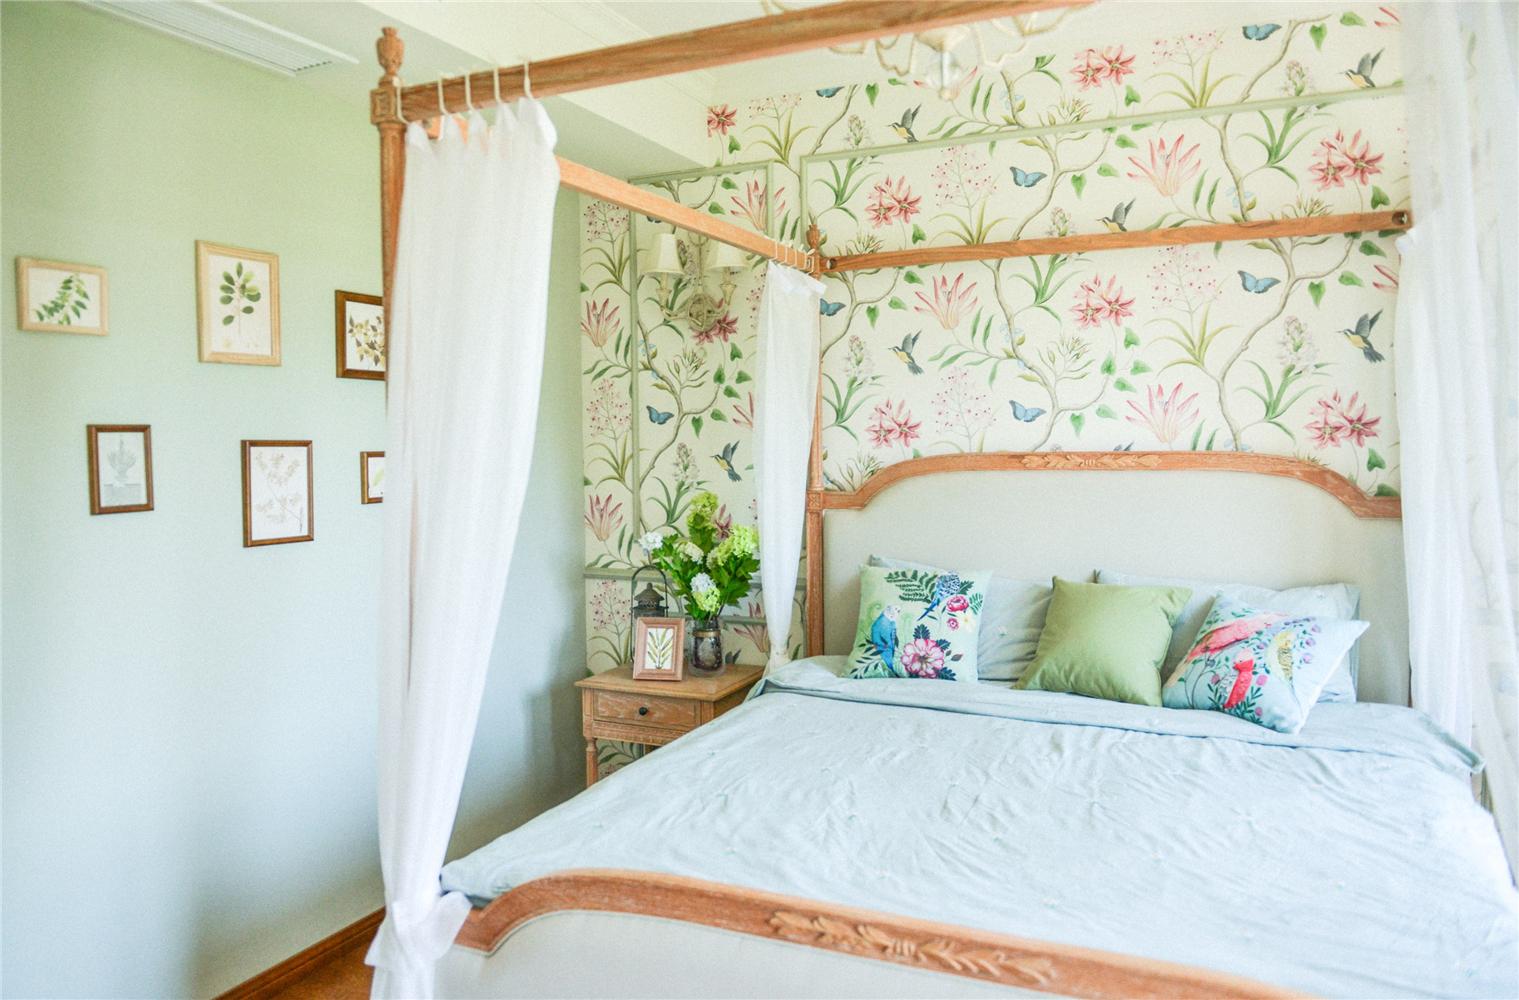 160㎡法式风格卧室装修效果图